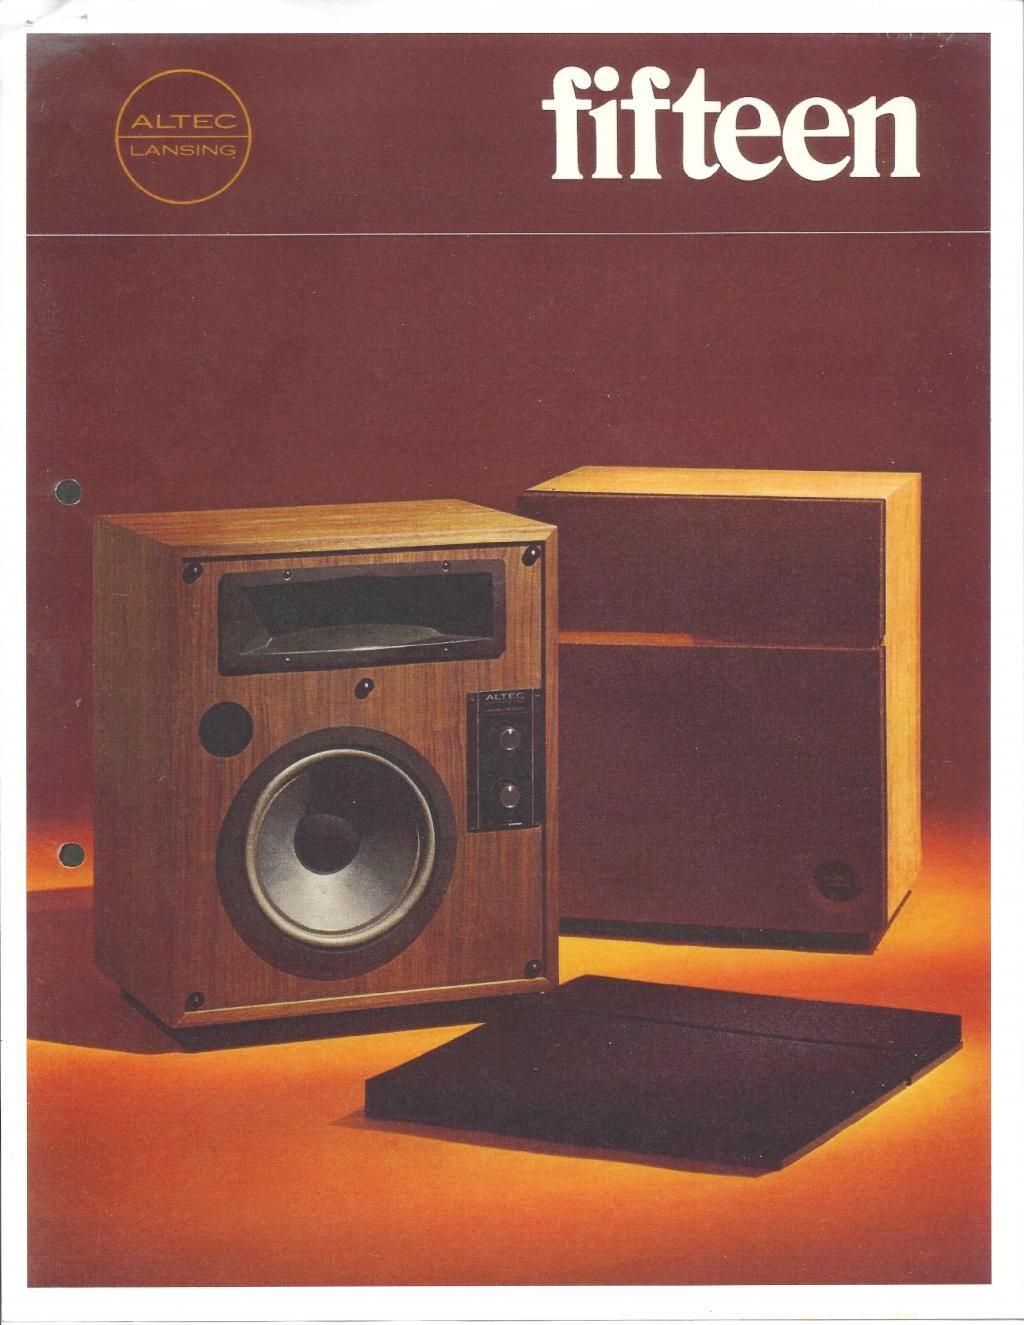 altec Lansing Model 15 | Audio Equipment in 2019 | Altec